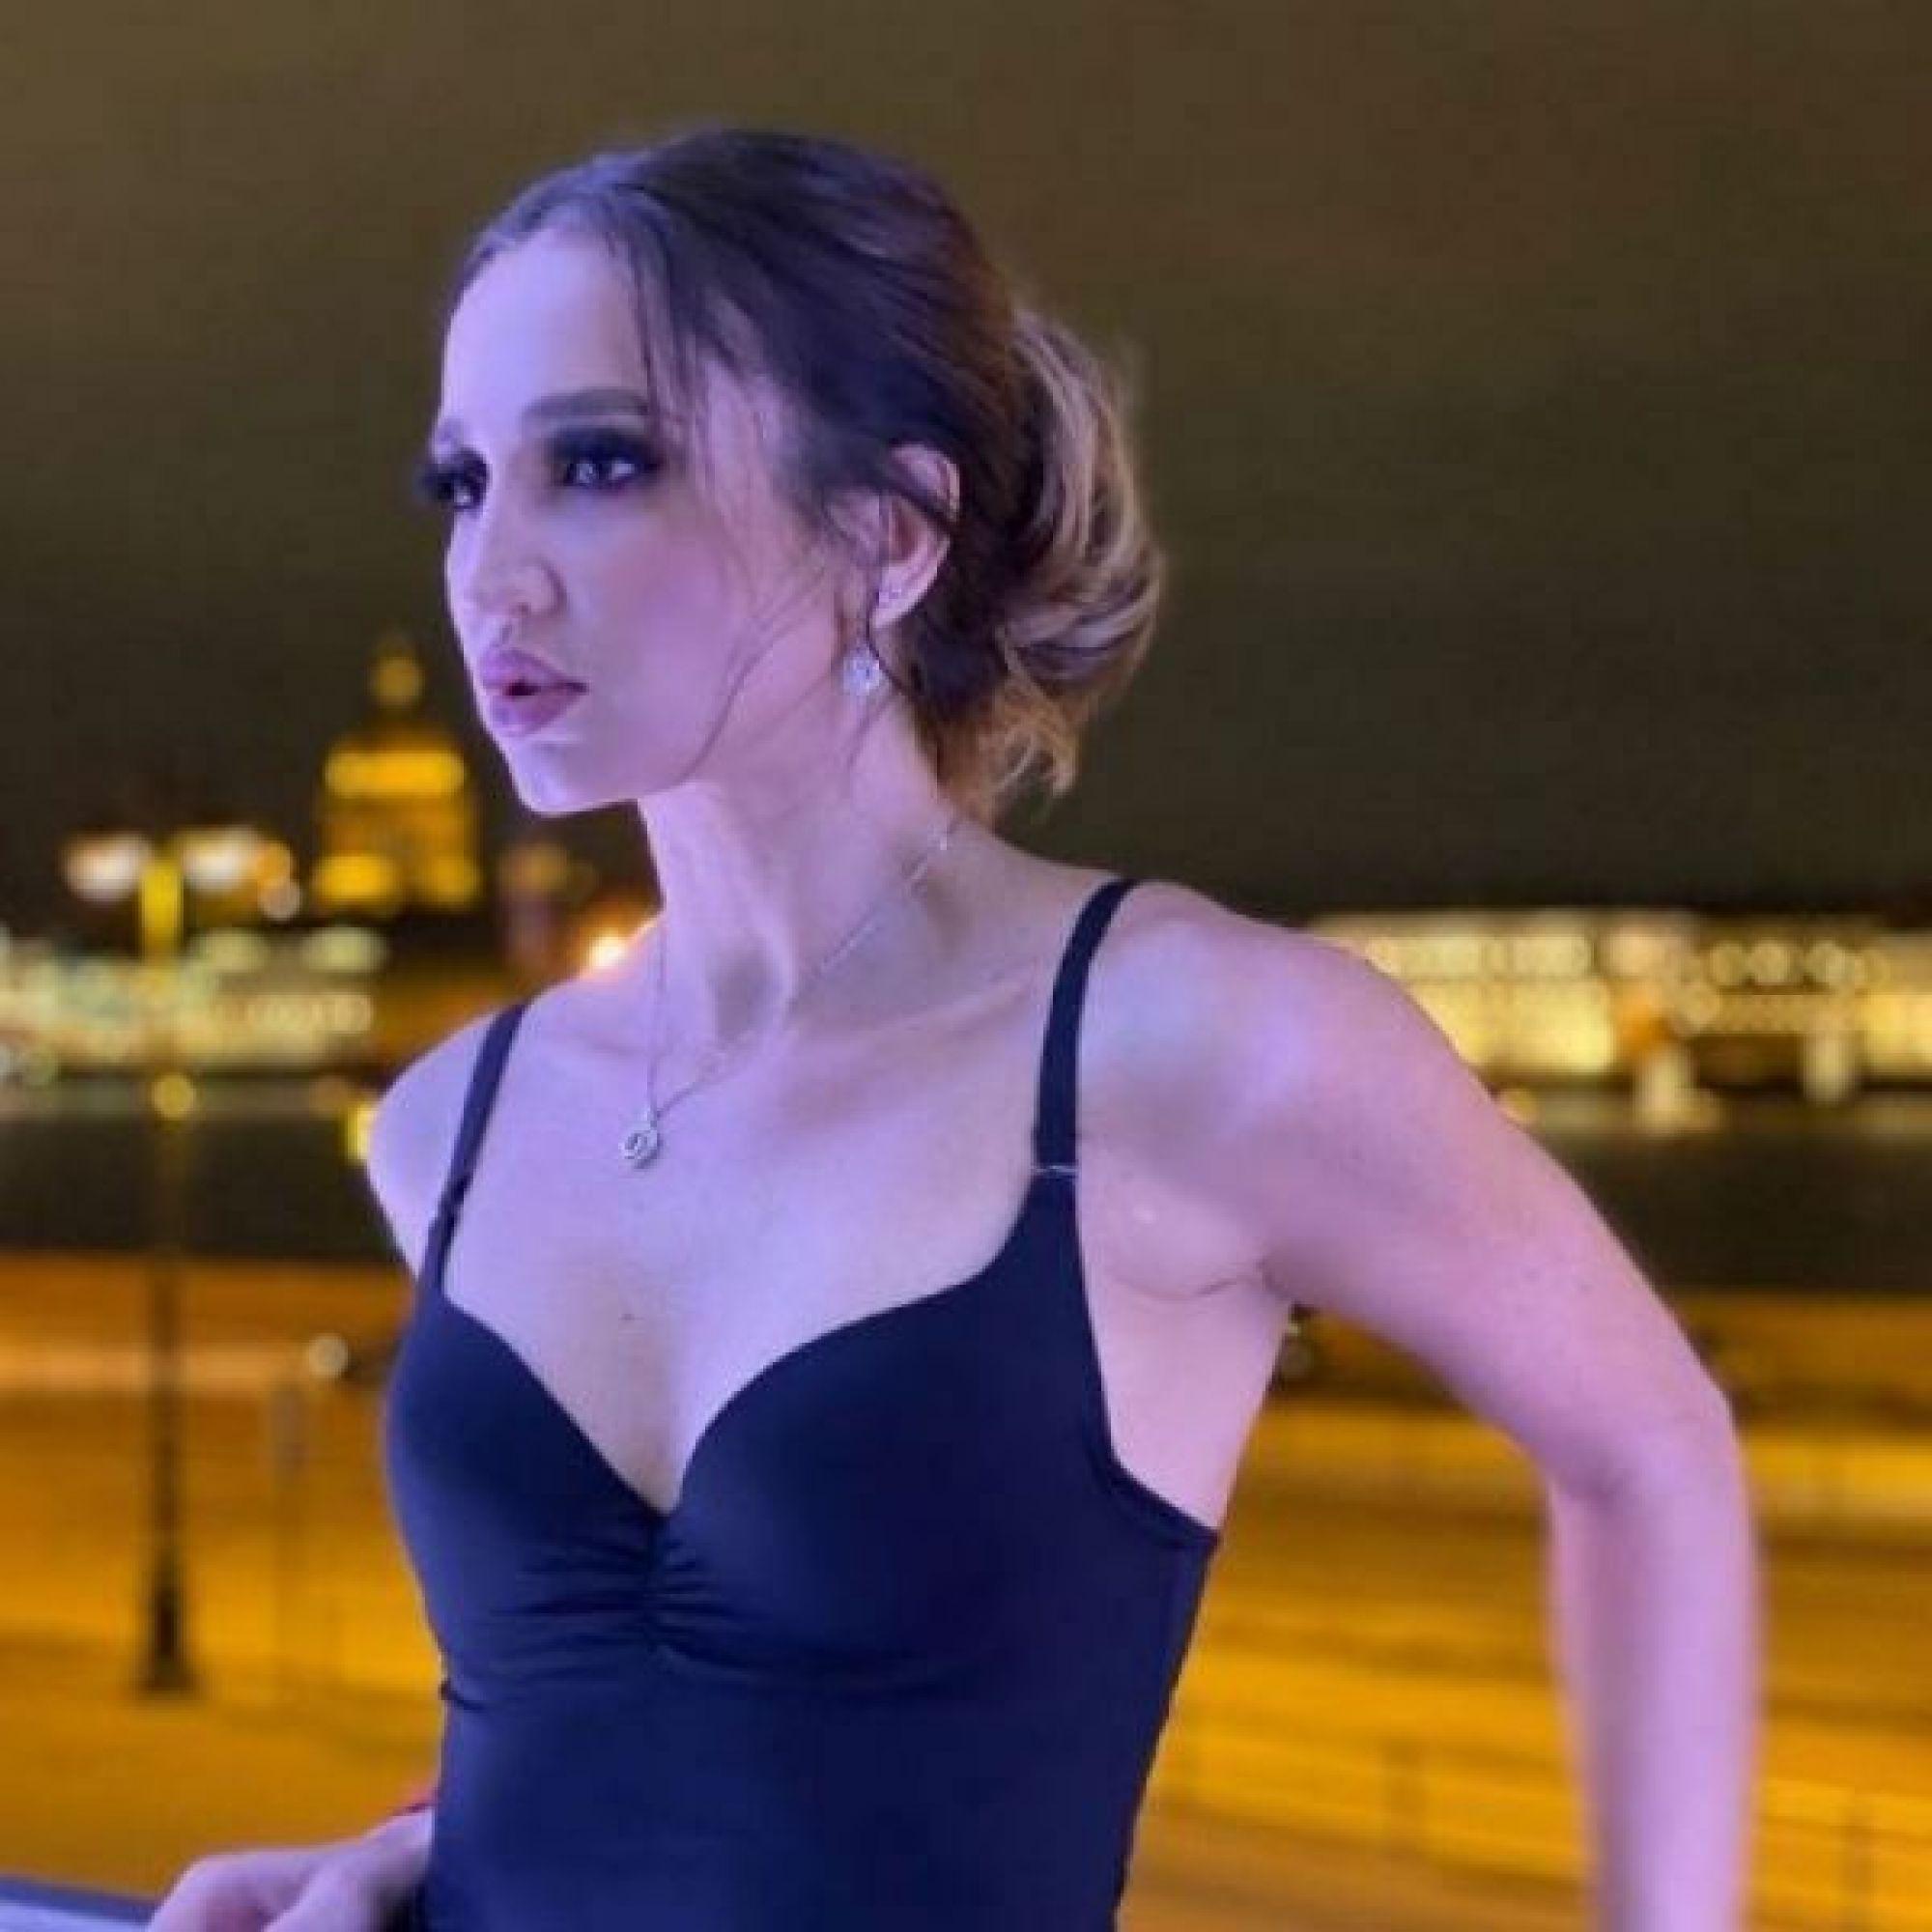 Ольга Бузова в день рождения установила рекорд в Инстаграме